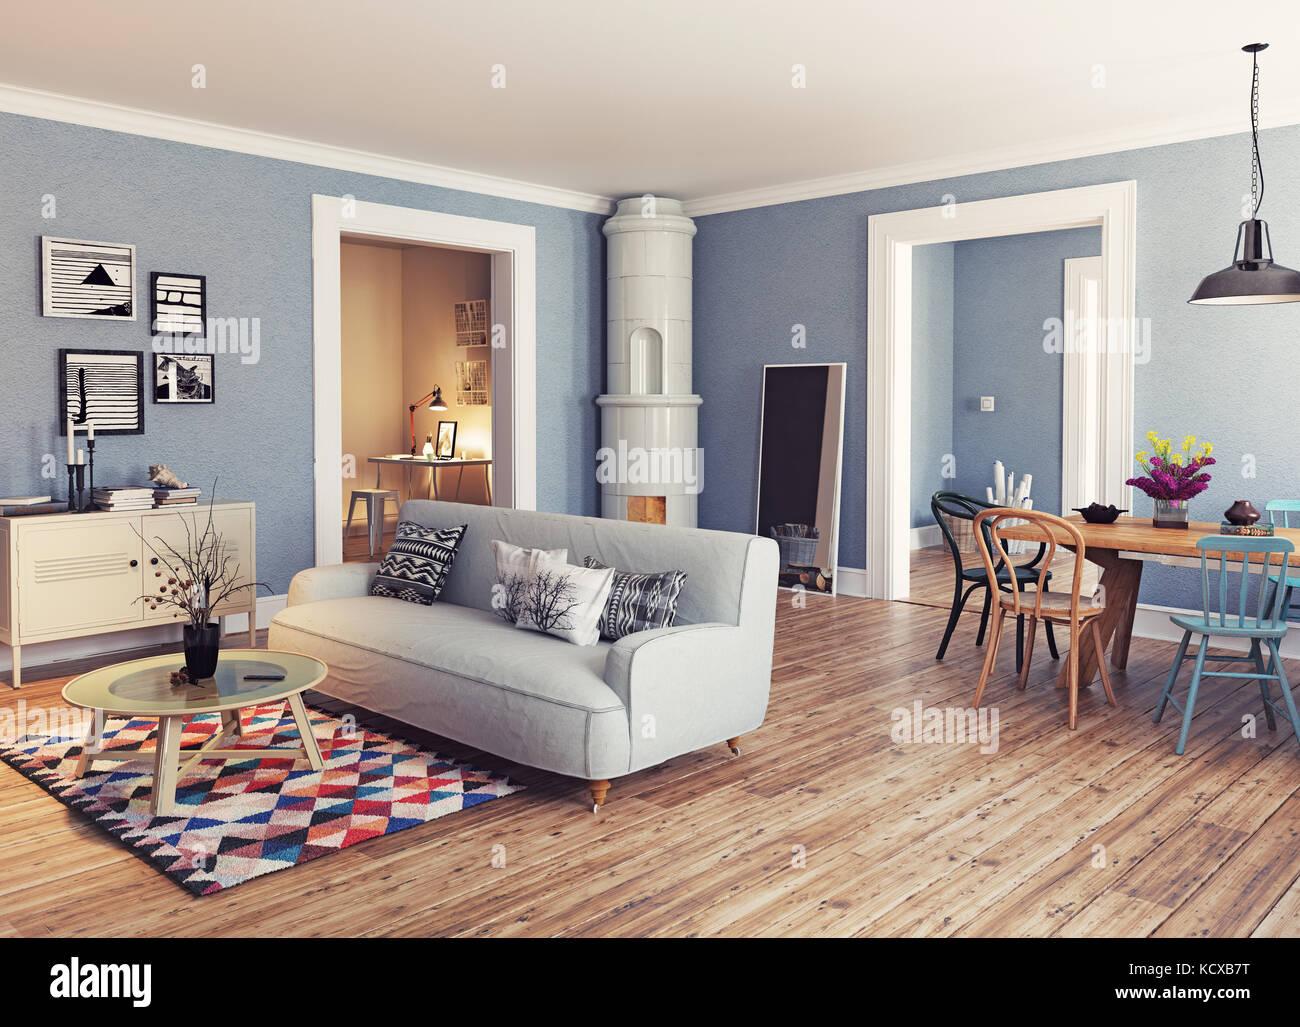 Cet appartement moderne de style scandinave.. Le rendu 3D concept illustration Photo Stock